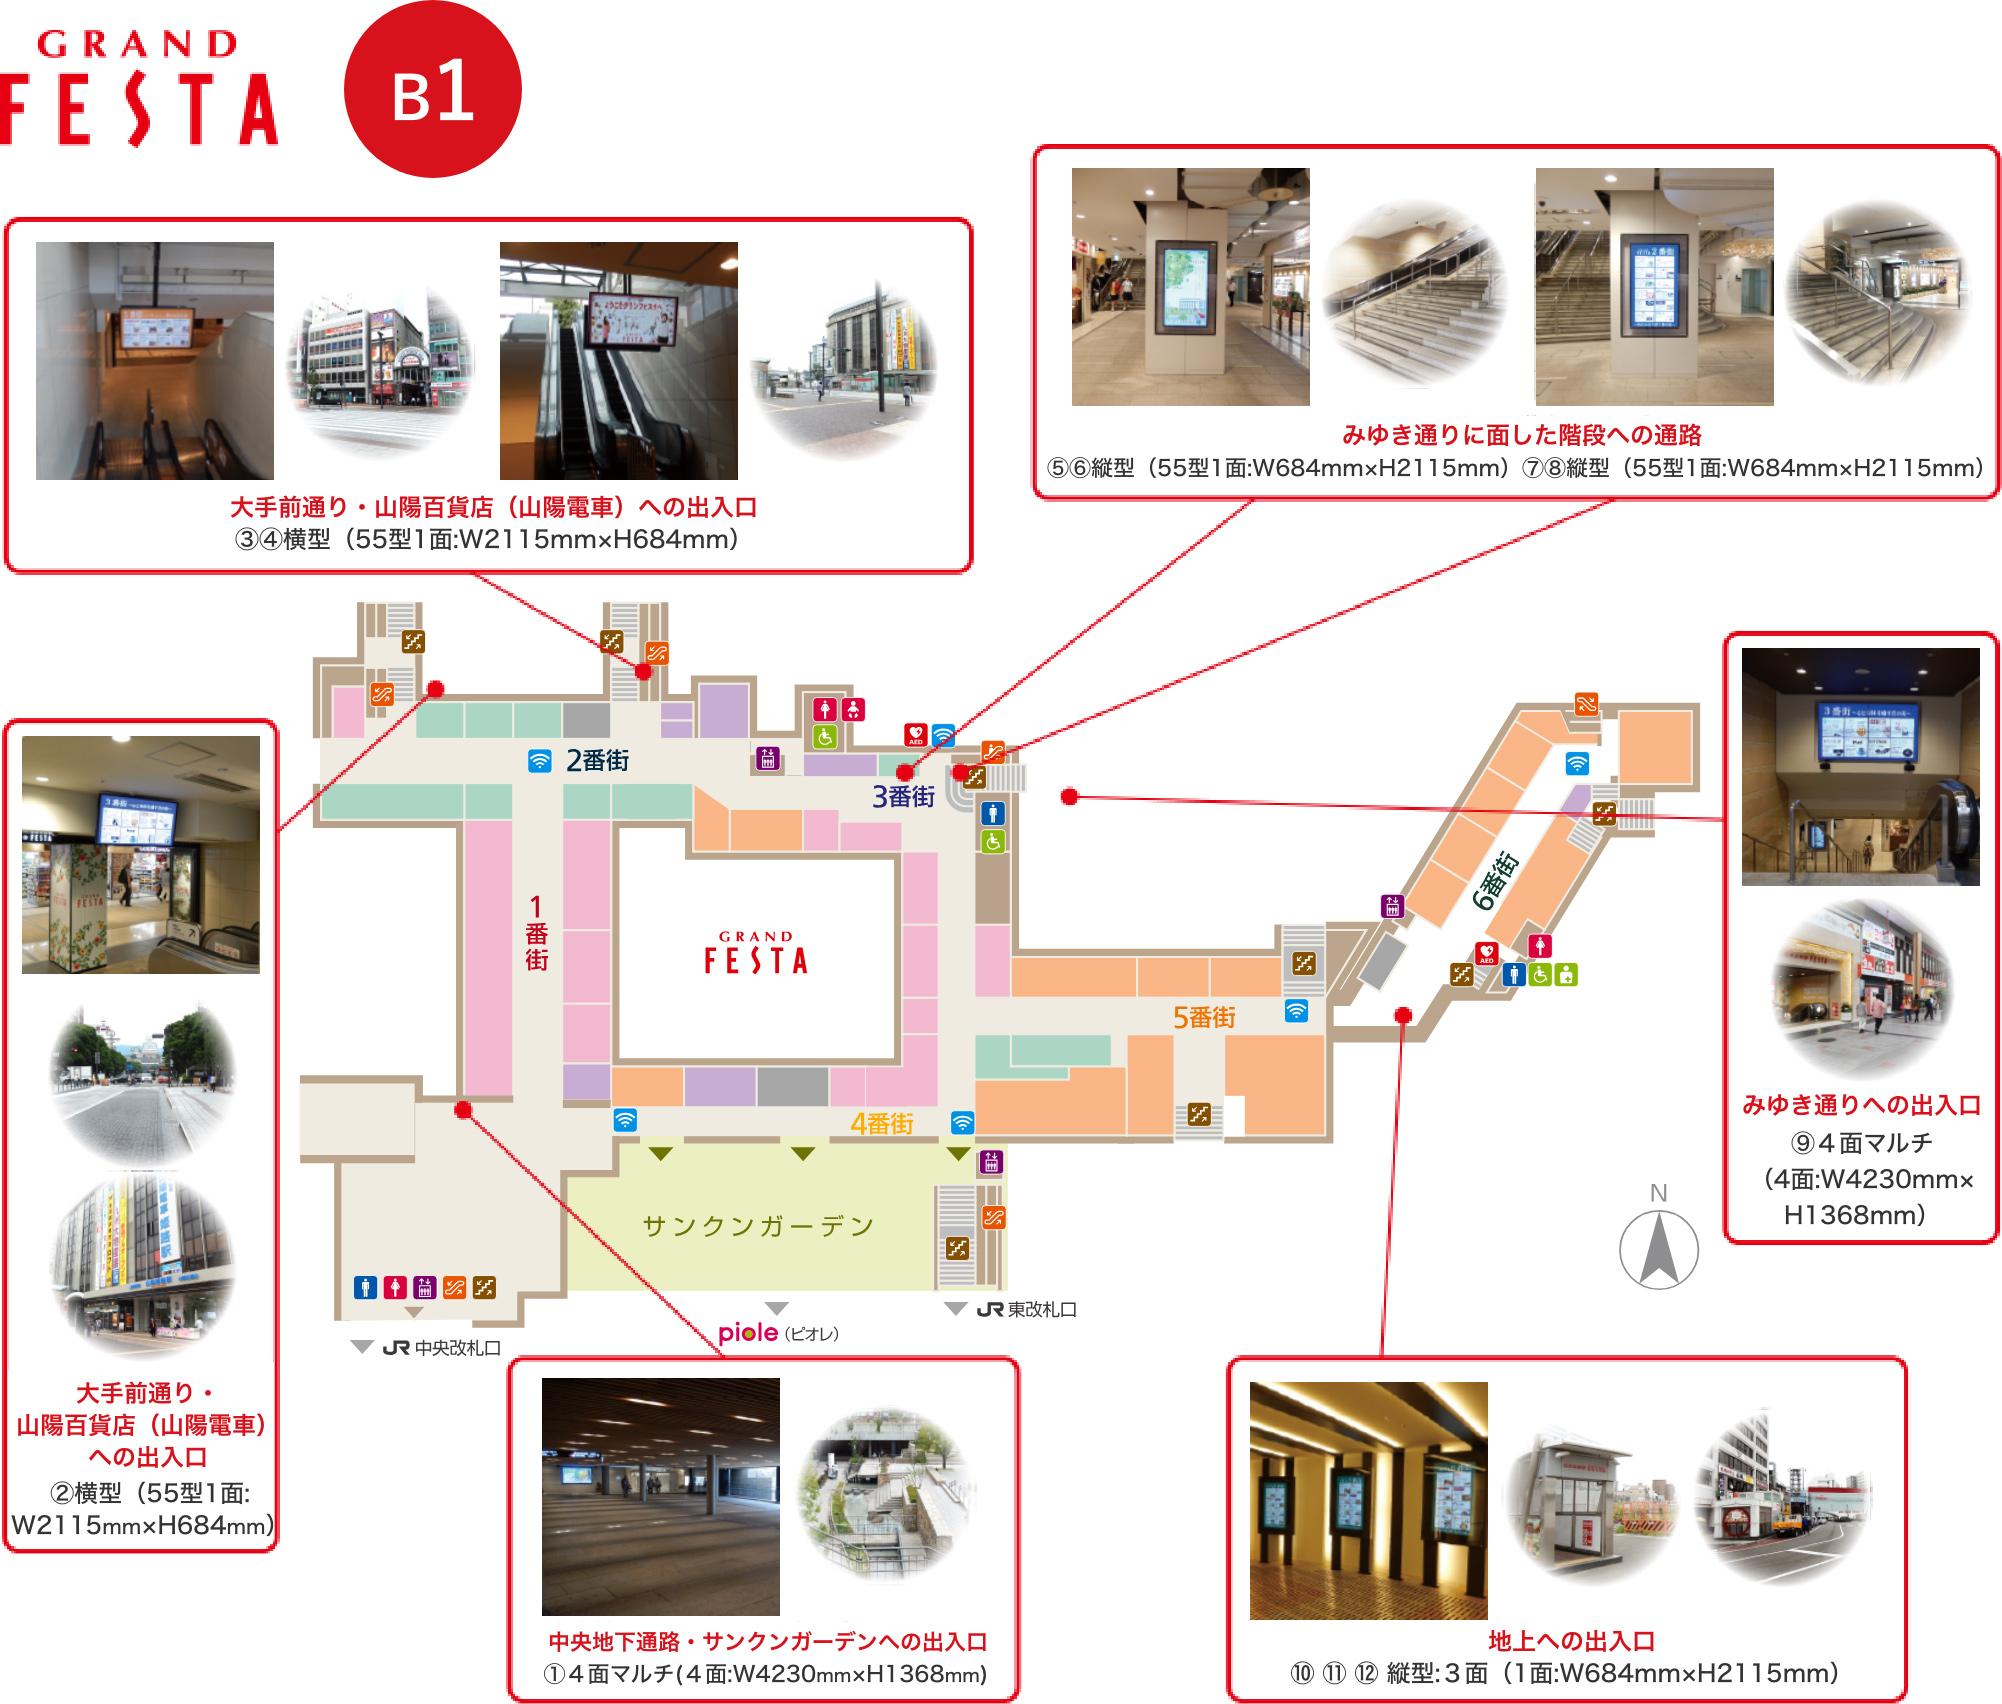 デジタルサイネージ設置場所 姫路地下街グランフェスタ